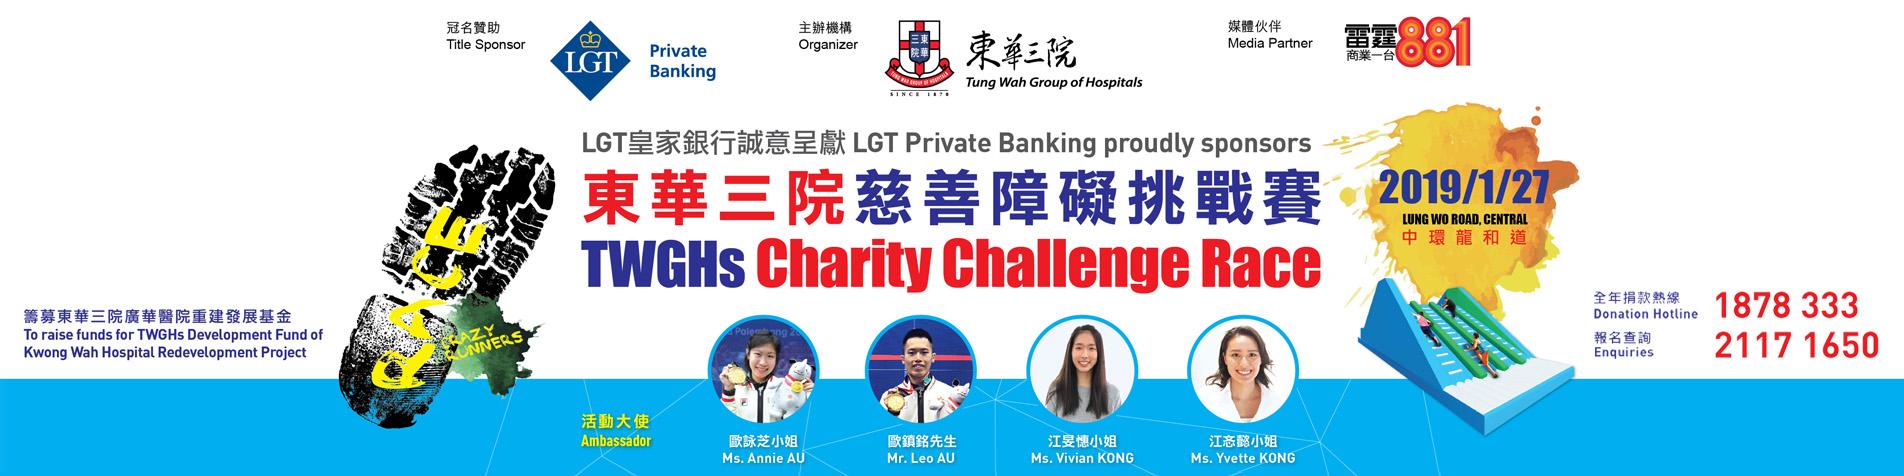 LGT皇家銀行誠意呈獻:東華三院慈善障礙挑戰賽2018